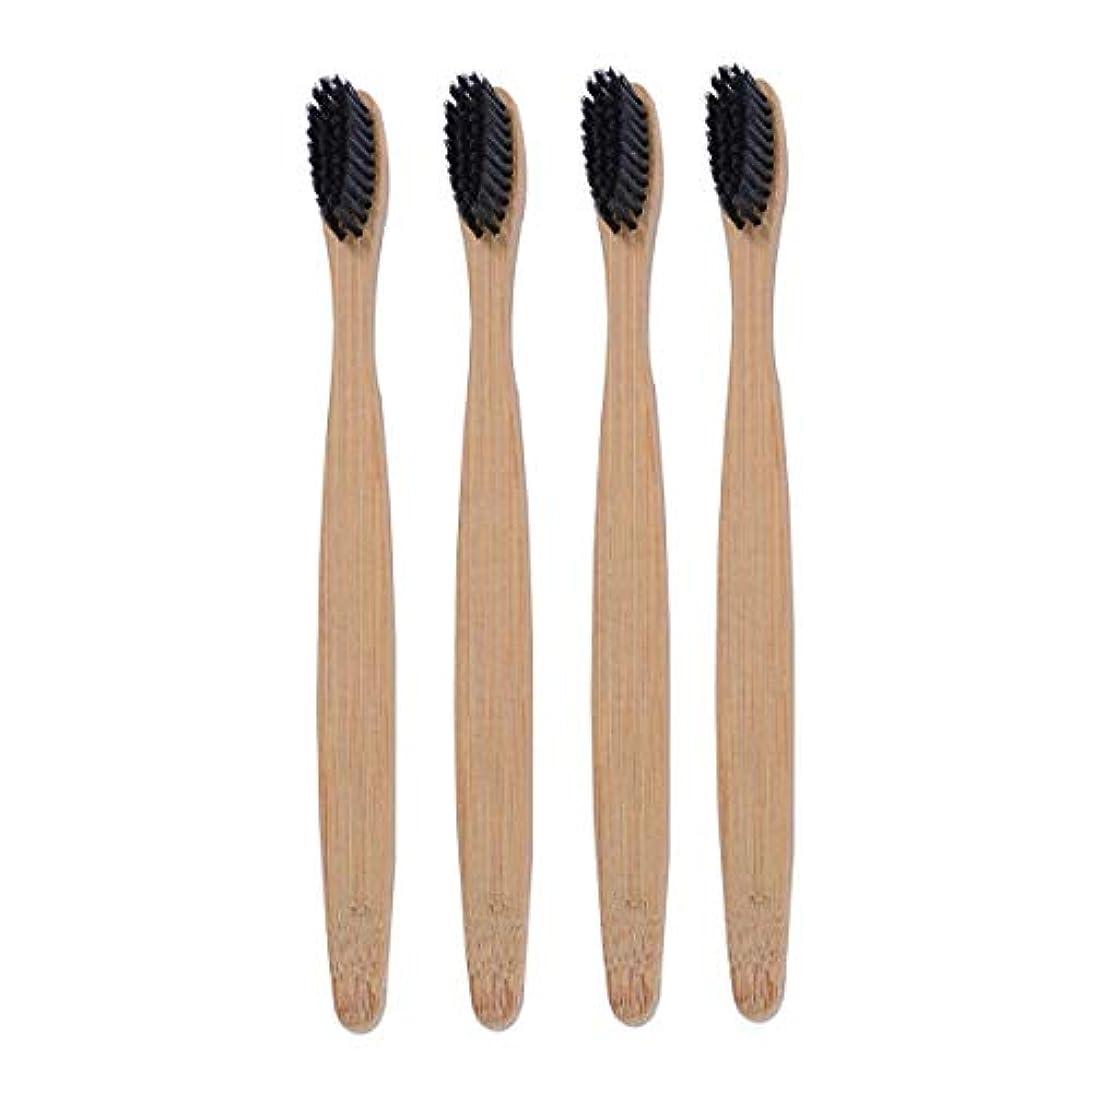 エージェントヒップ検査ROSENICE 竹炭の歯ブラシ使い捨て低炭素歯ブラシ4本(黒)